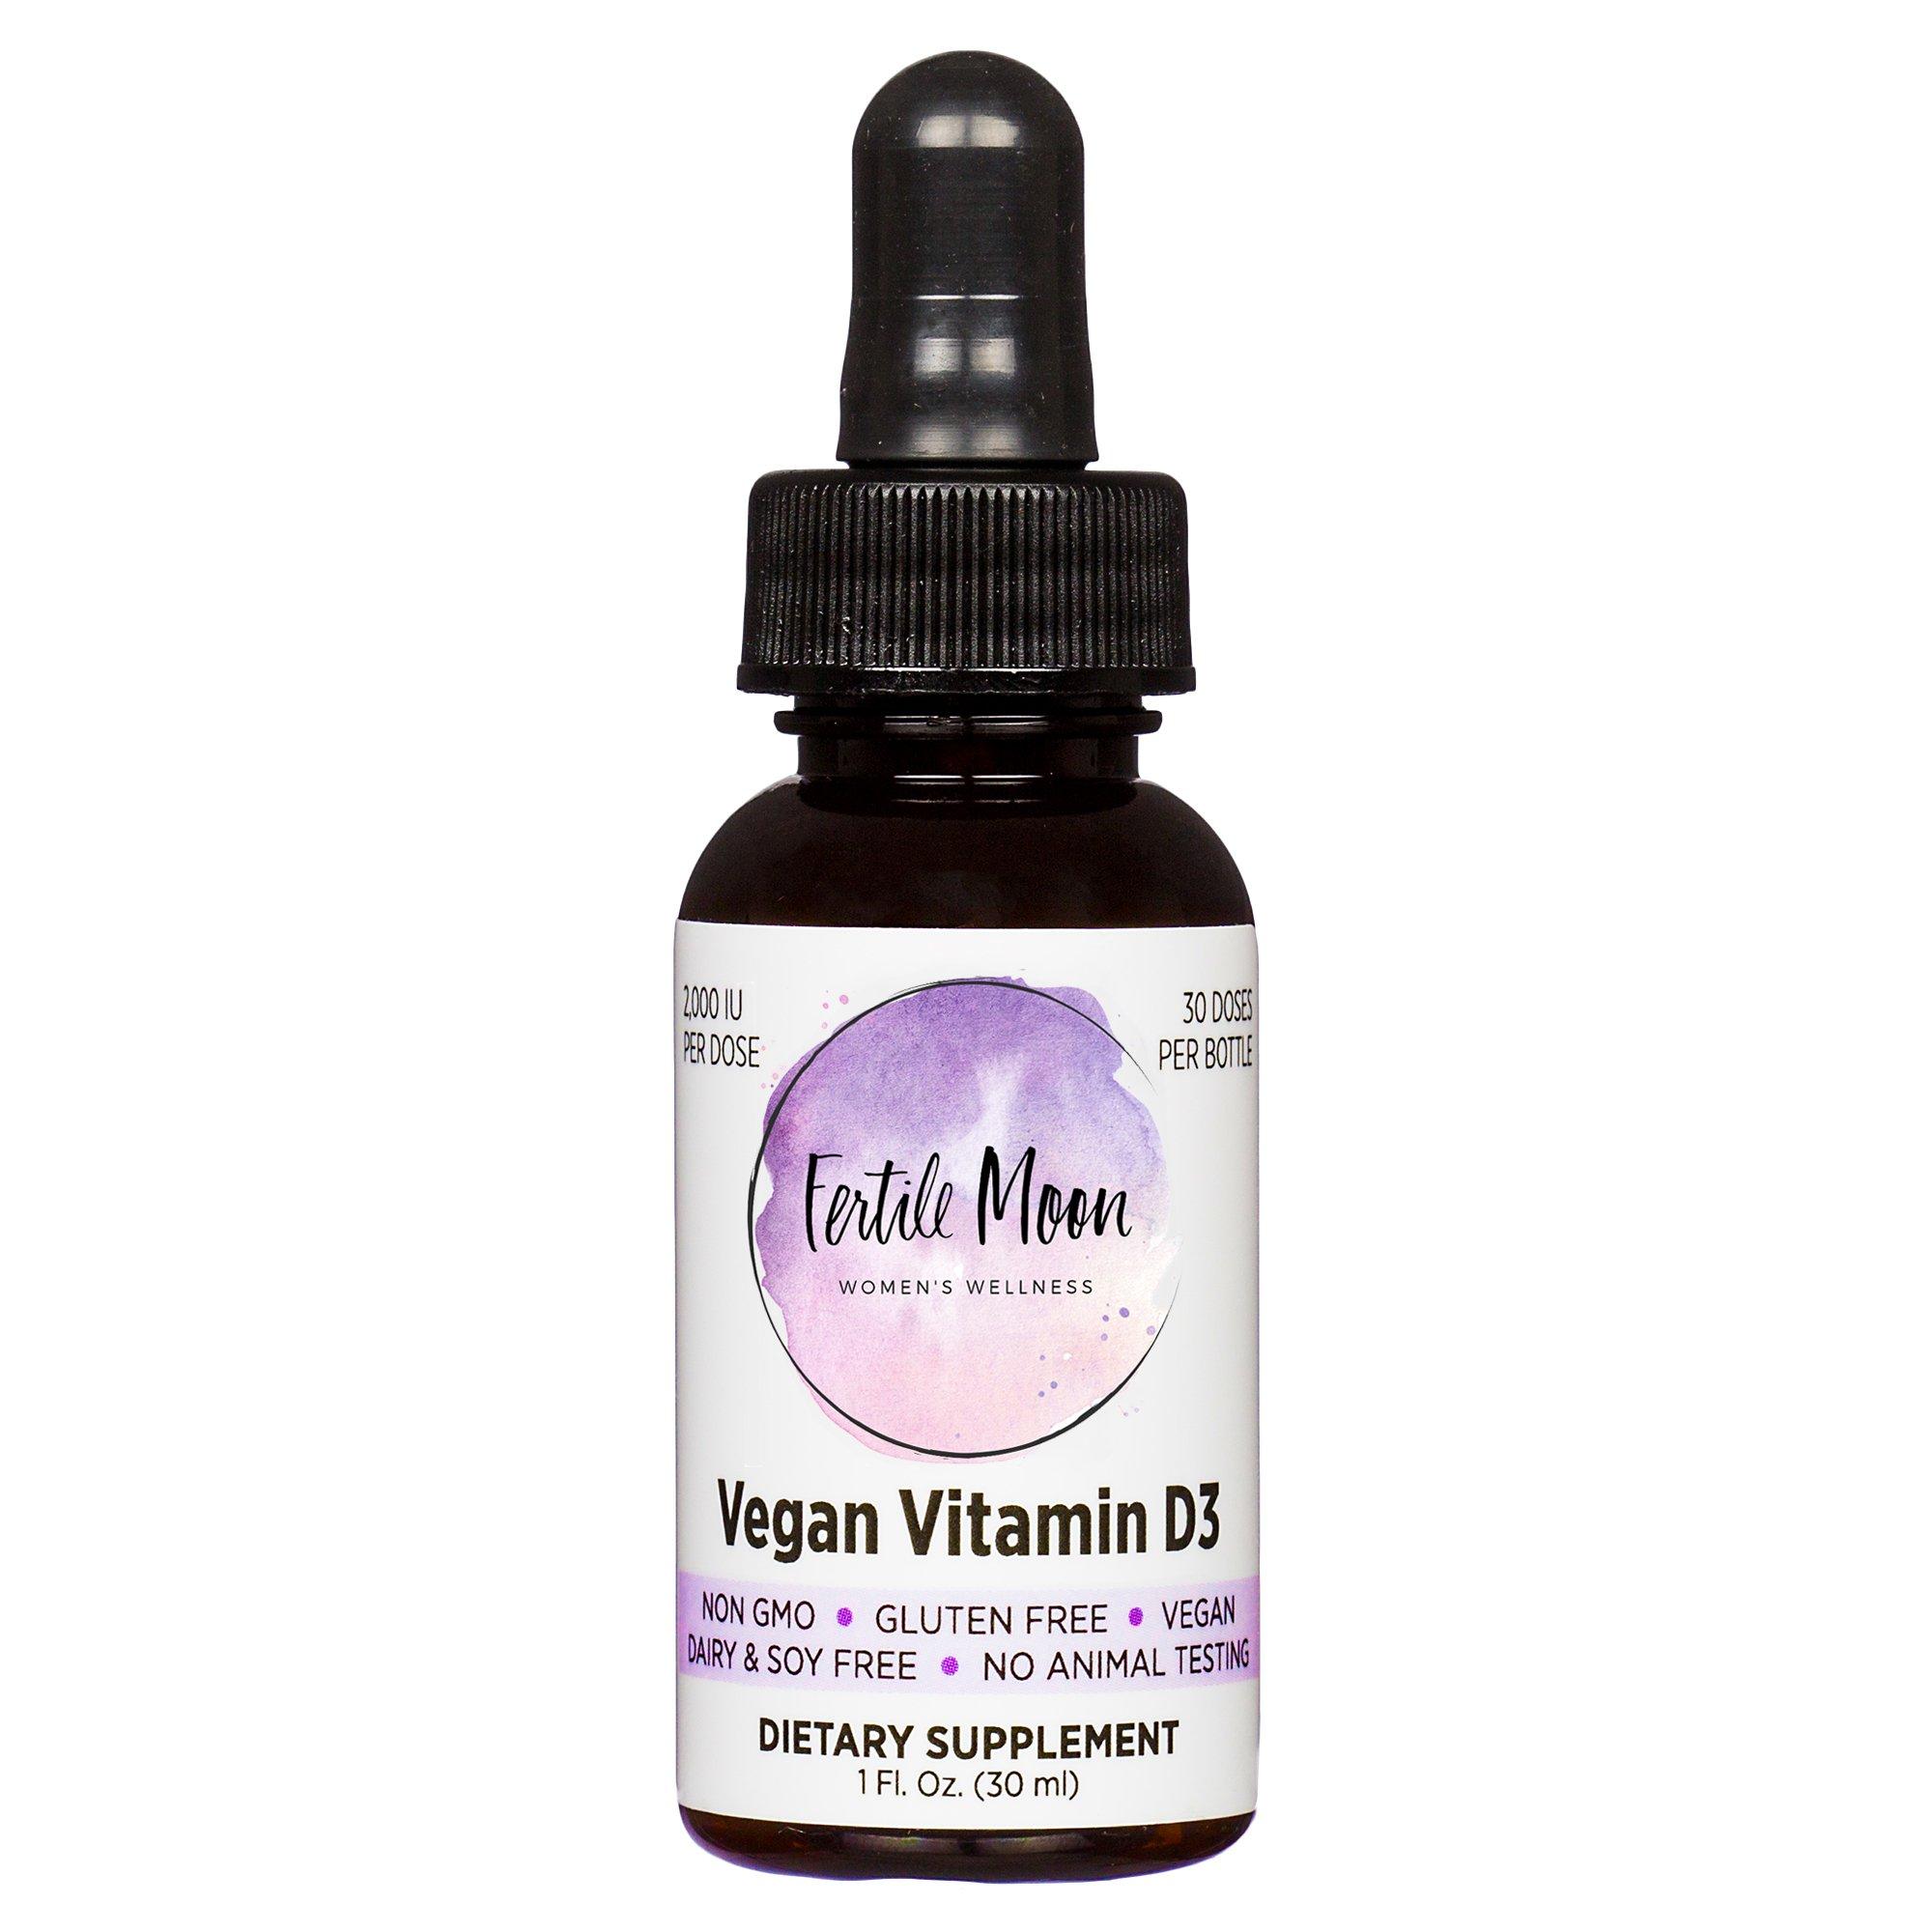 Liquid Vitamin D3 Vegan 2000 IU Per Dose by Fertile Moon® - Premium Plant-Based Vitamin D3 from Lichen - Non-GMO, No Gluten, Dairy, or Soy - 30 Doses per Bottle by Fertile Moon